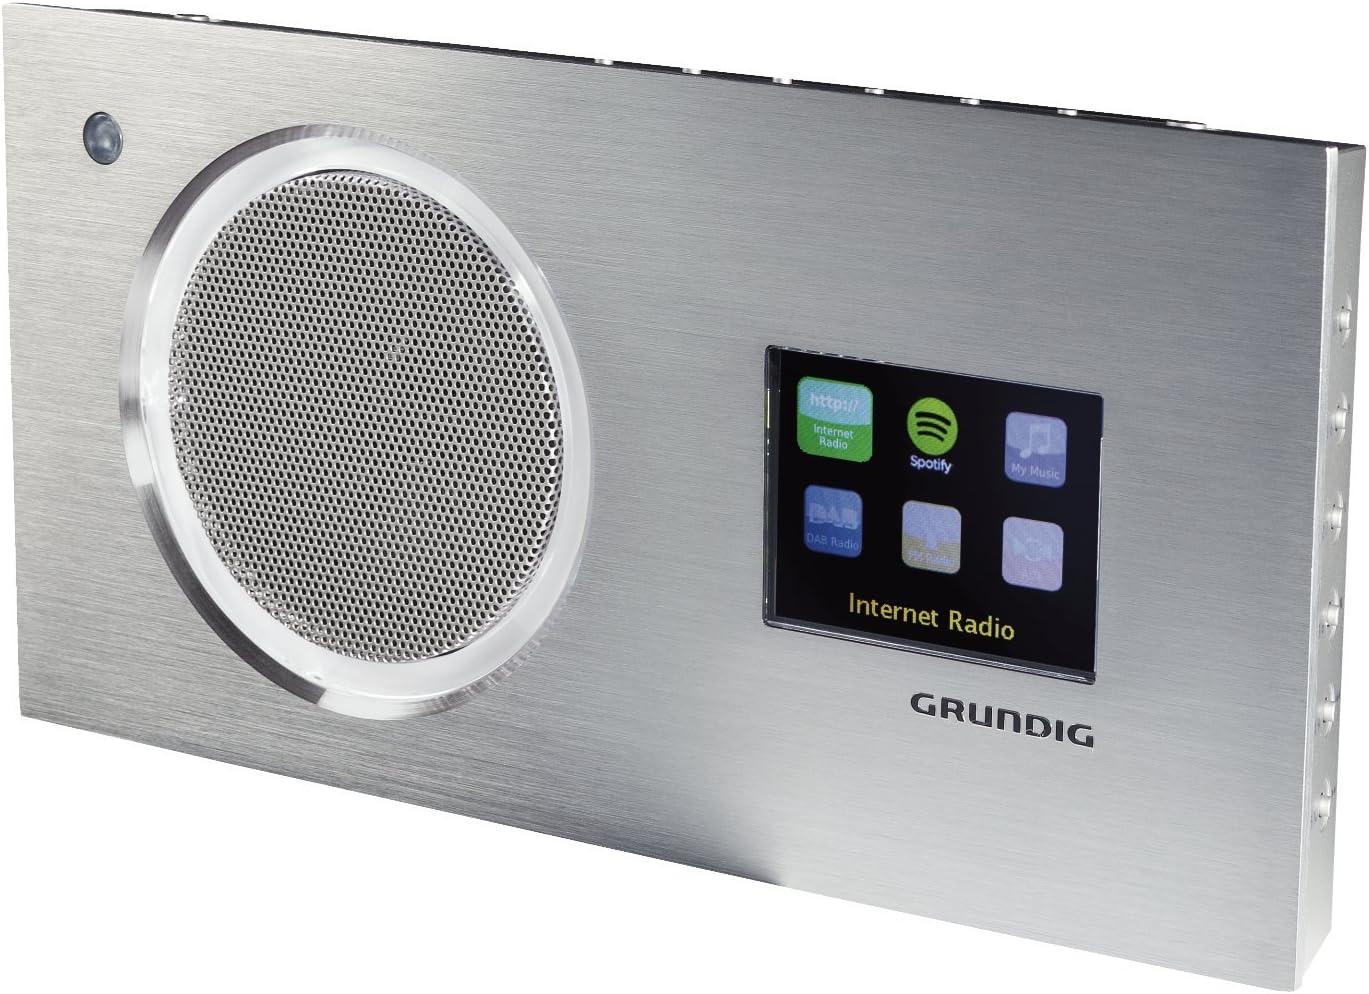 Grundig Cosmopolit 166 Web Dab+ - Radio (Internet, Digital, Dab,Dab+,FM, 16,16  W, iPhone, Aluminio)